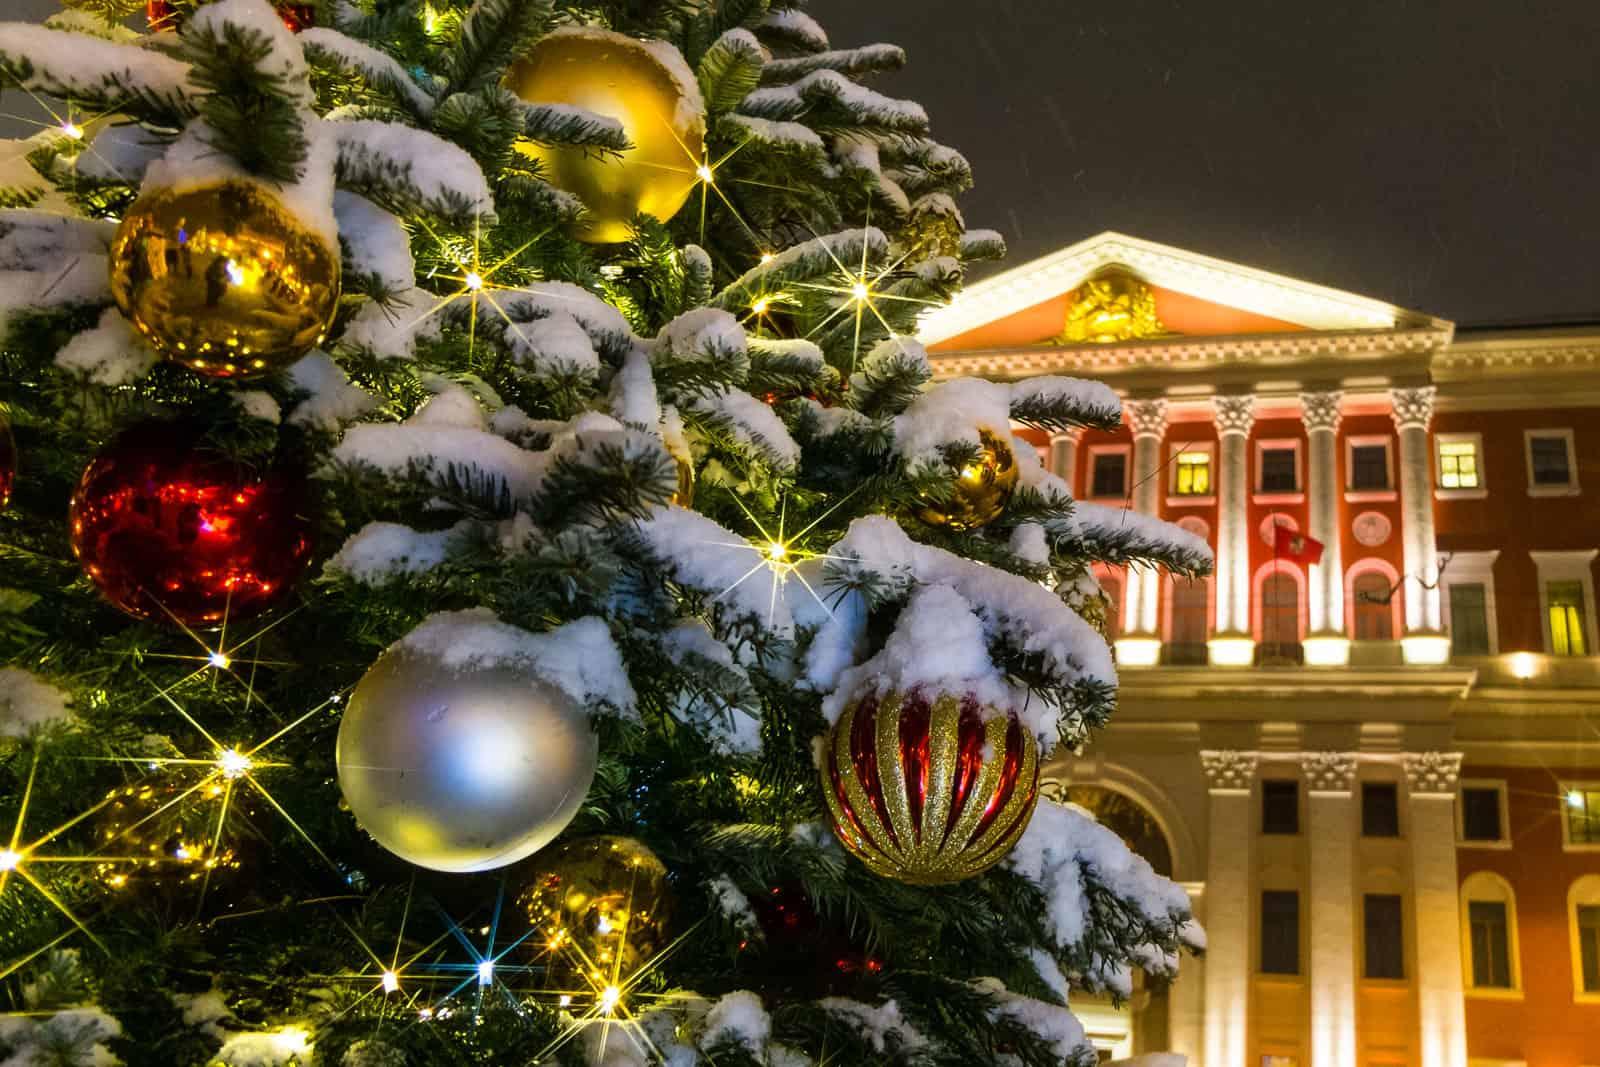 Световые конструкции к Новому году Световые конструкции к Новому году 5 6